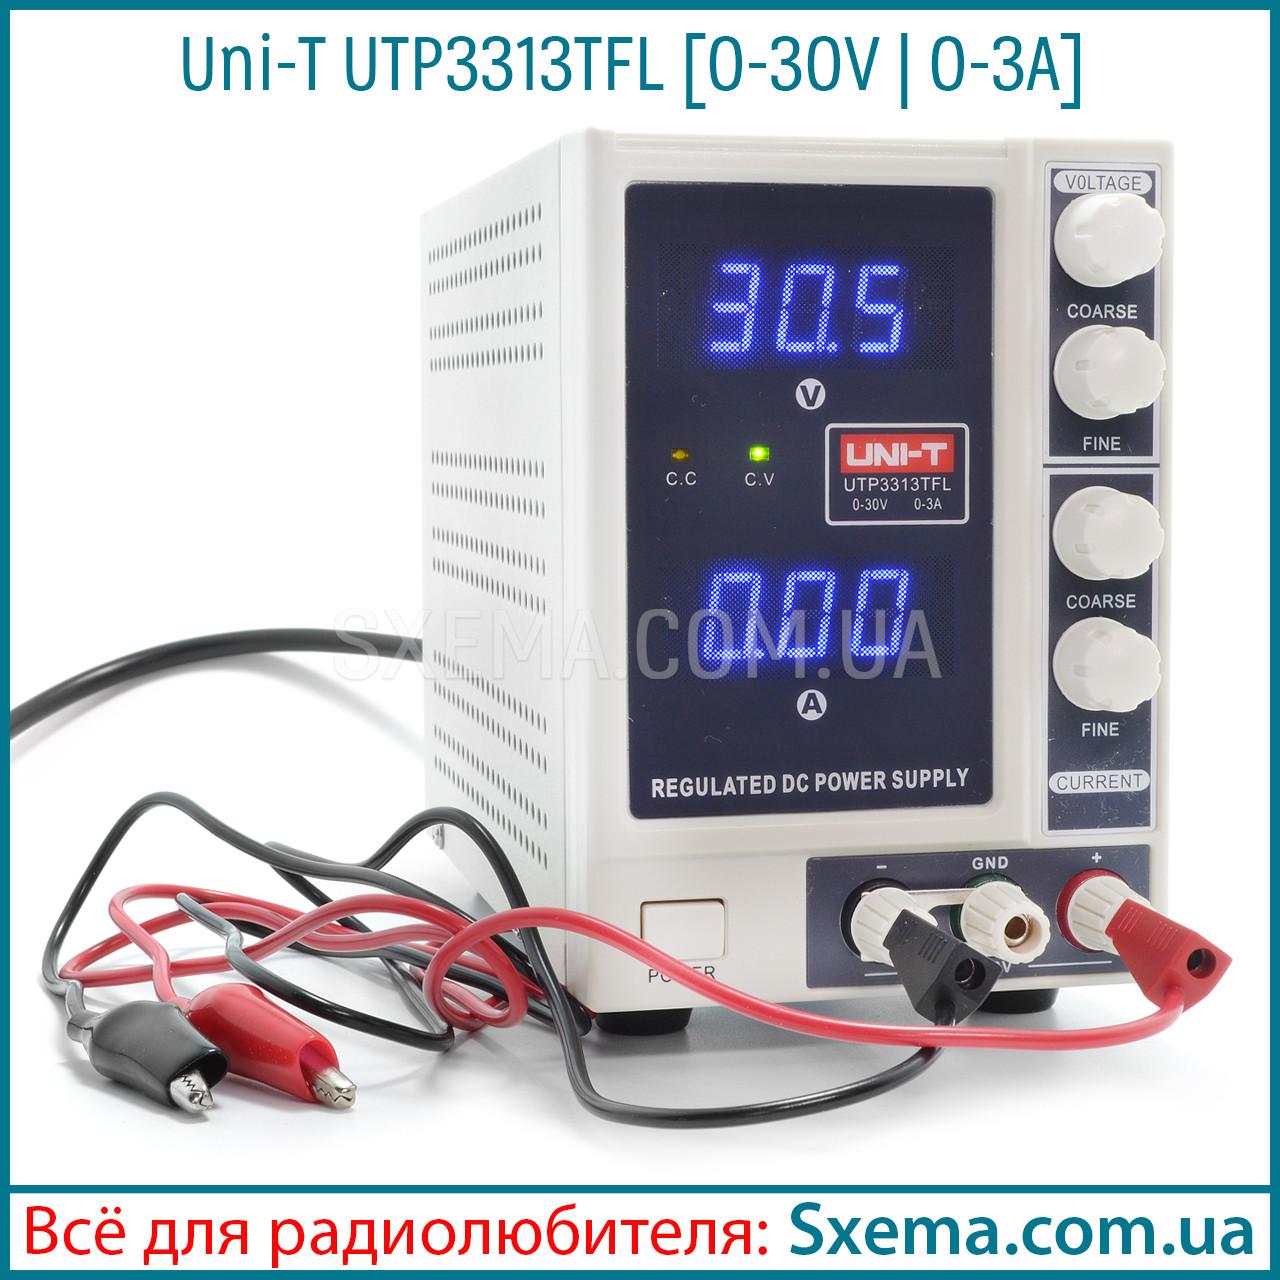 Лабораторный блок питания Uni-T UTP3313TFL, 30B, 3A